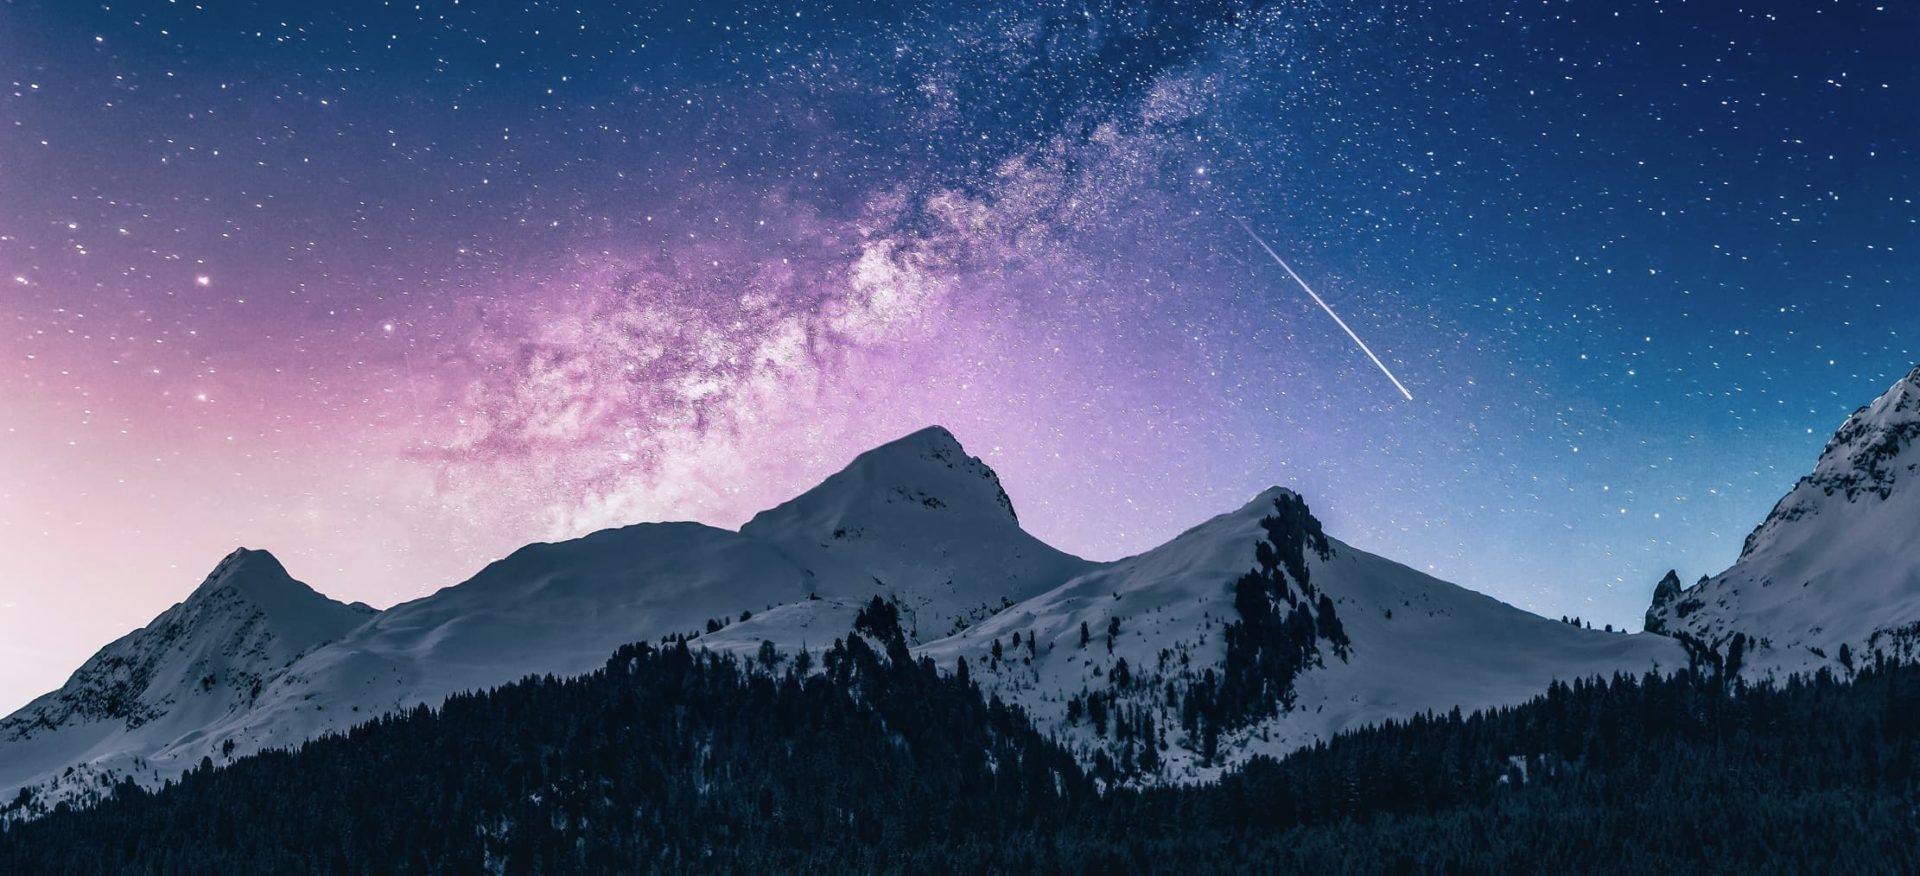 Ein schöner Sternenhimmel mit Sternschnuppe und Bergen